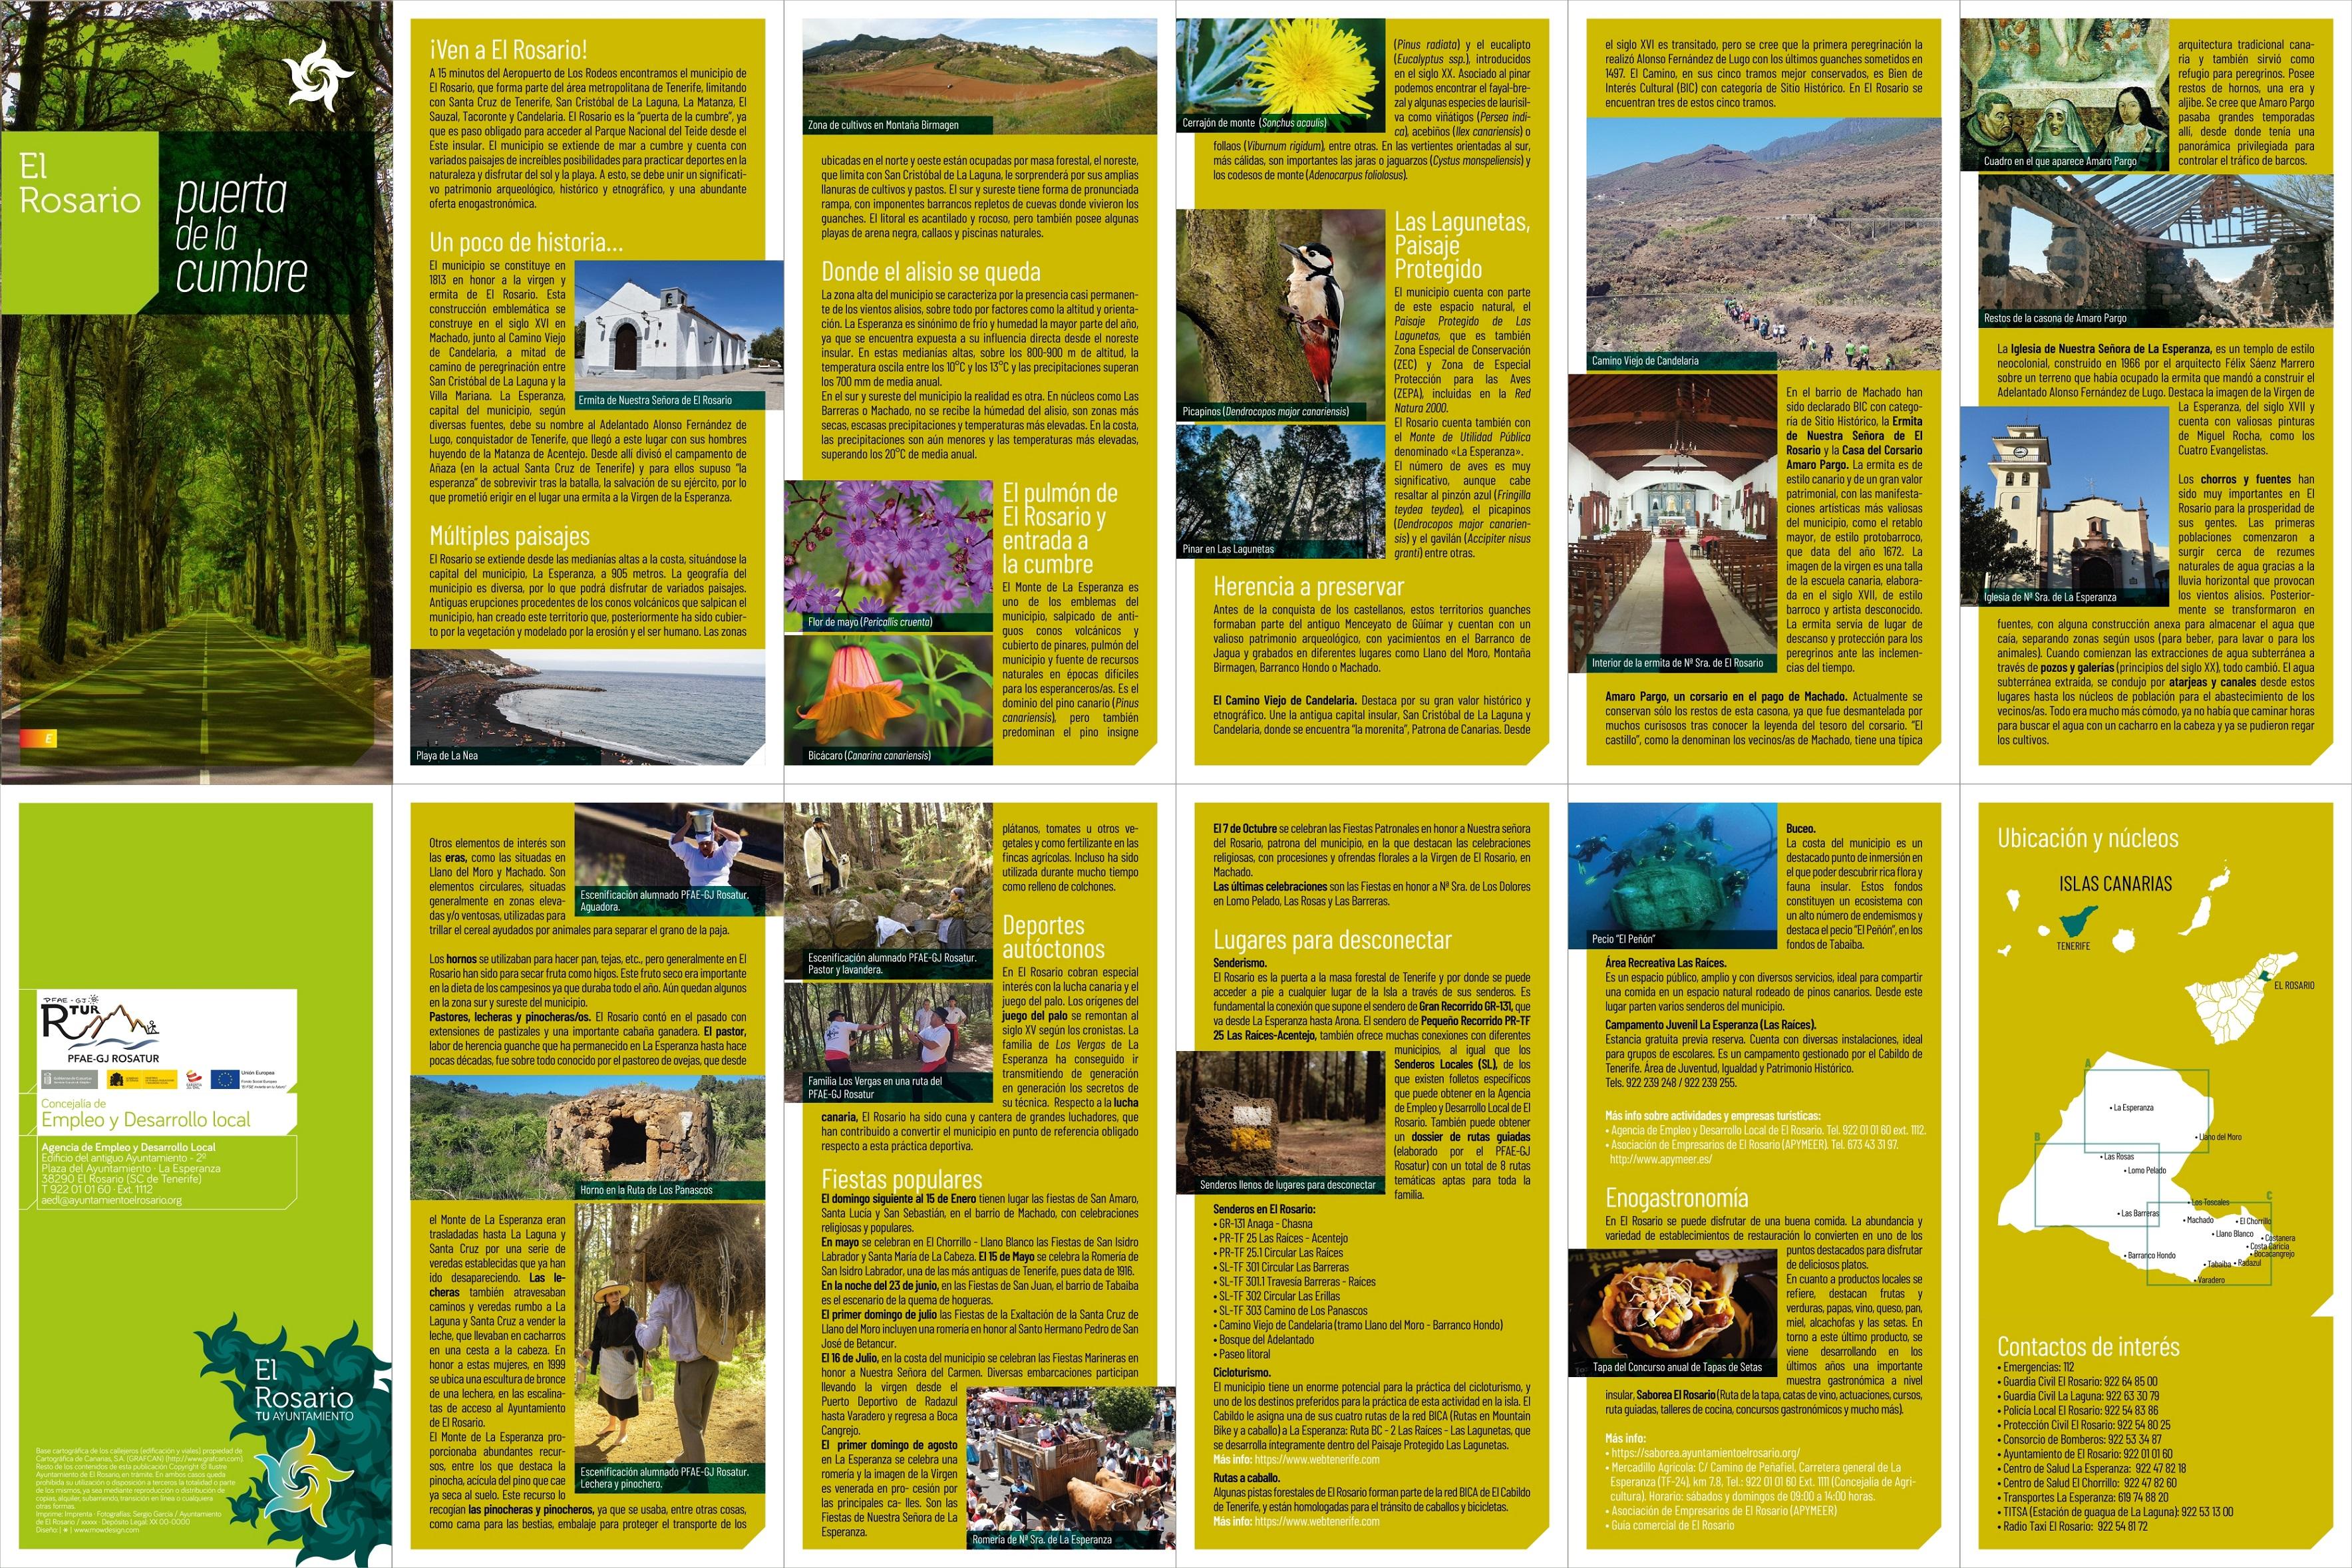 COMPLETO EXT. PFAE_GJ_ROSATUR-20200315-MAPA_FOLLETO-EXT-630x420-202003025-03mq-00_complet_page-0001 - copia (2)